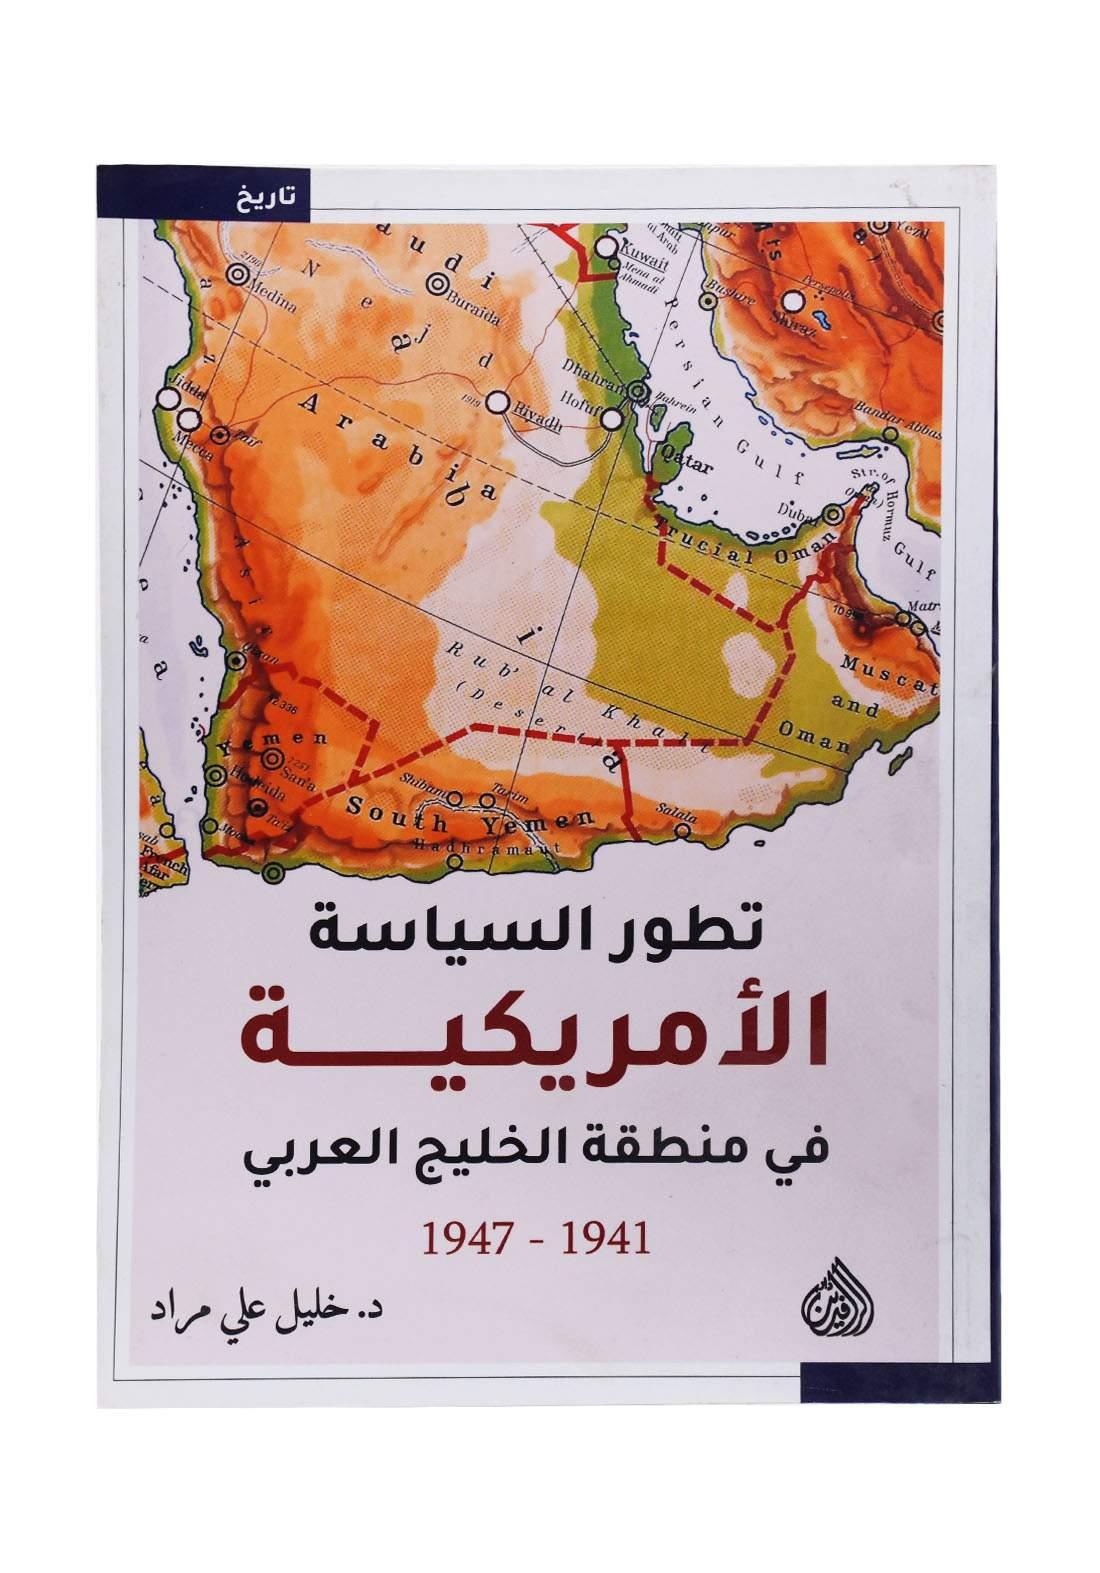 تطور السياسة الأمريكية في منطقة الخليج العربي 1941-1947